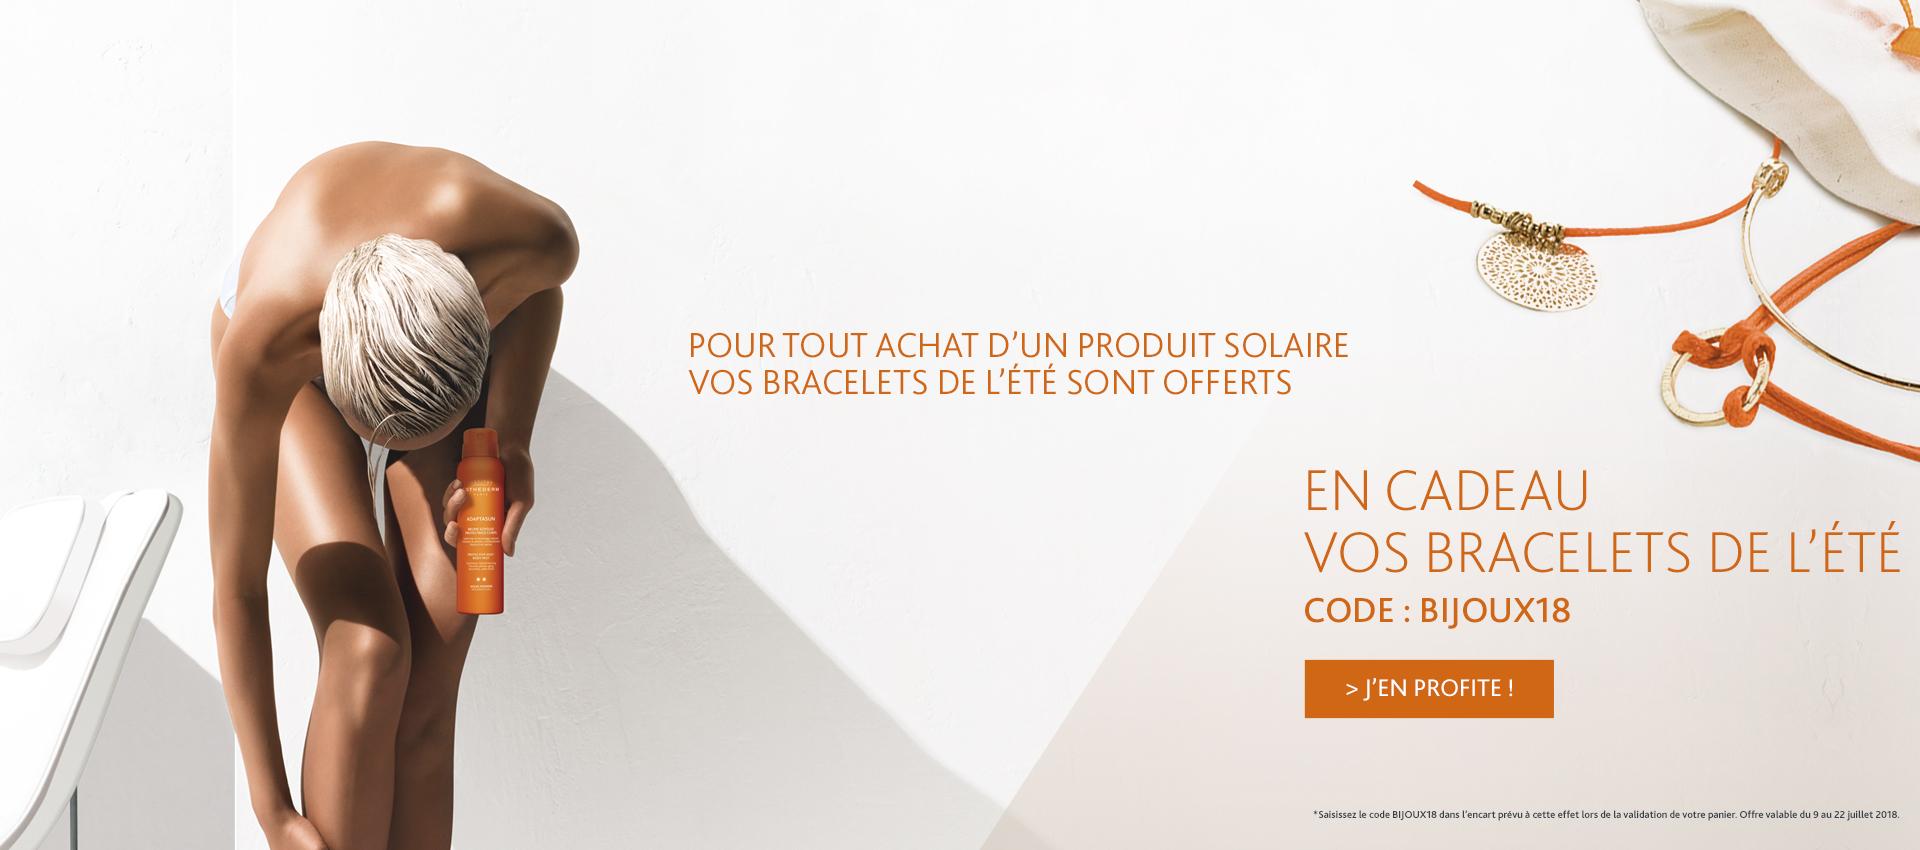 Offre Juillet : 3 bracelets de l'été offerts pour l'achat d'1 solaire